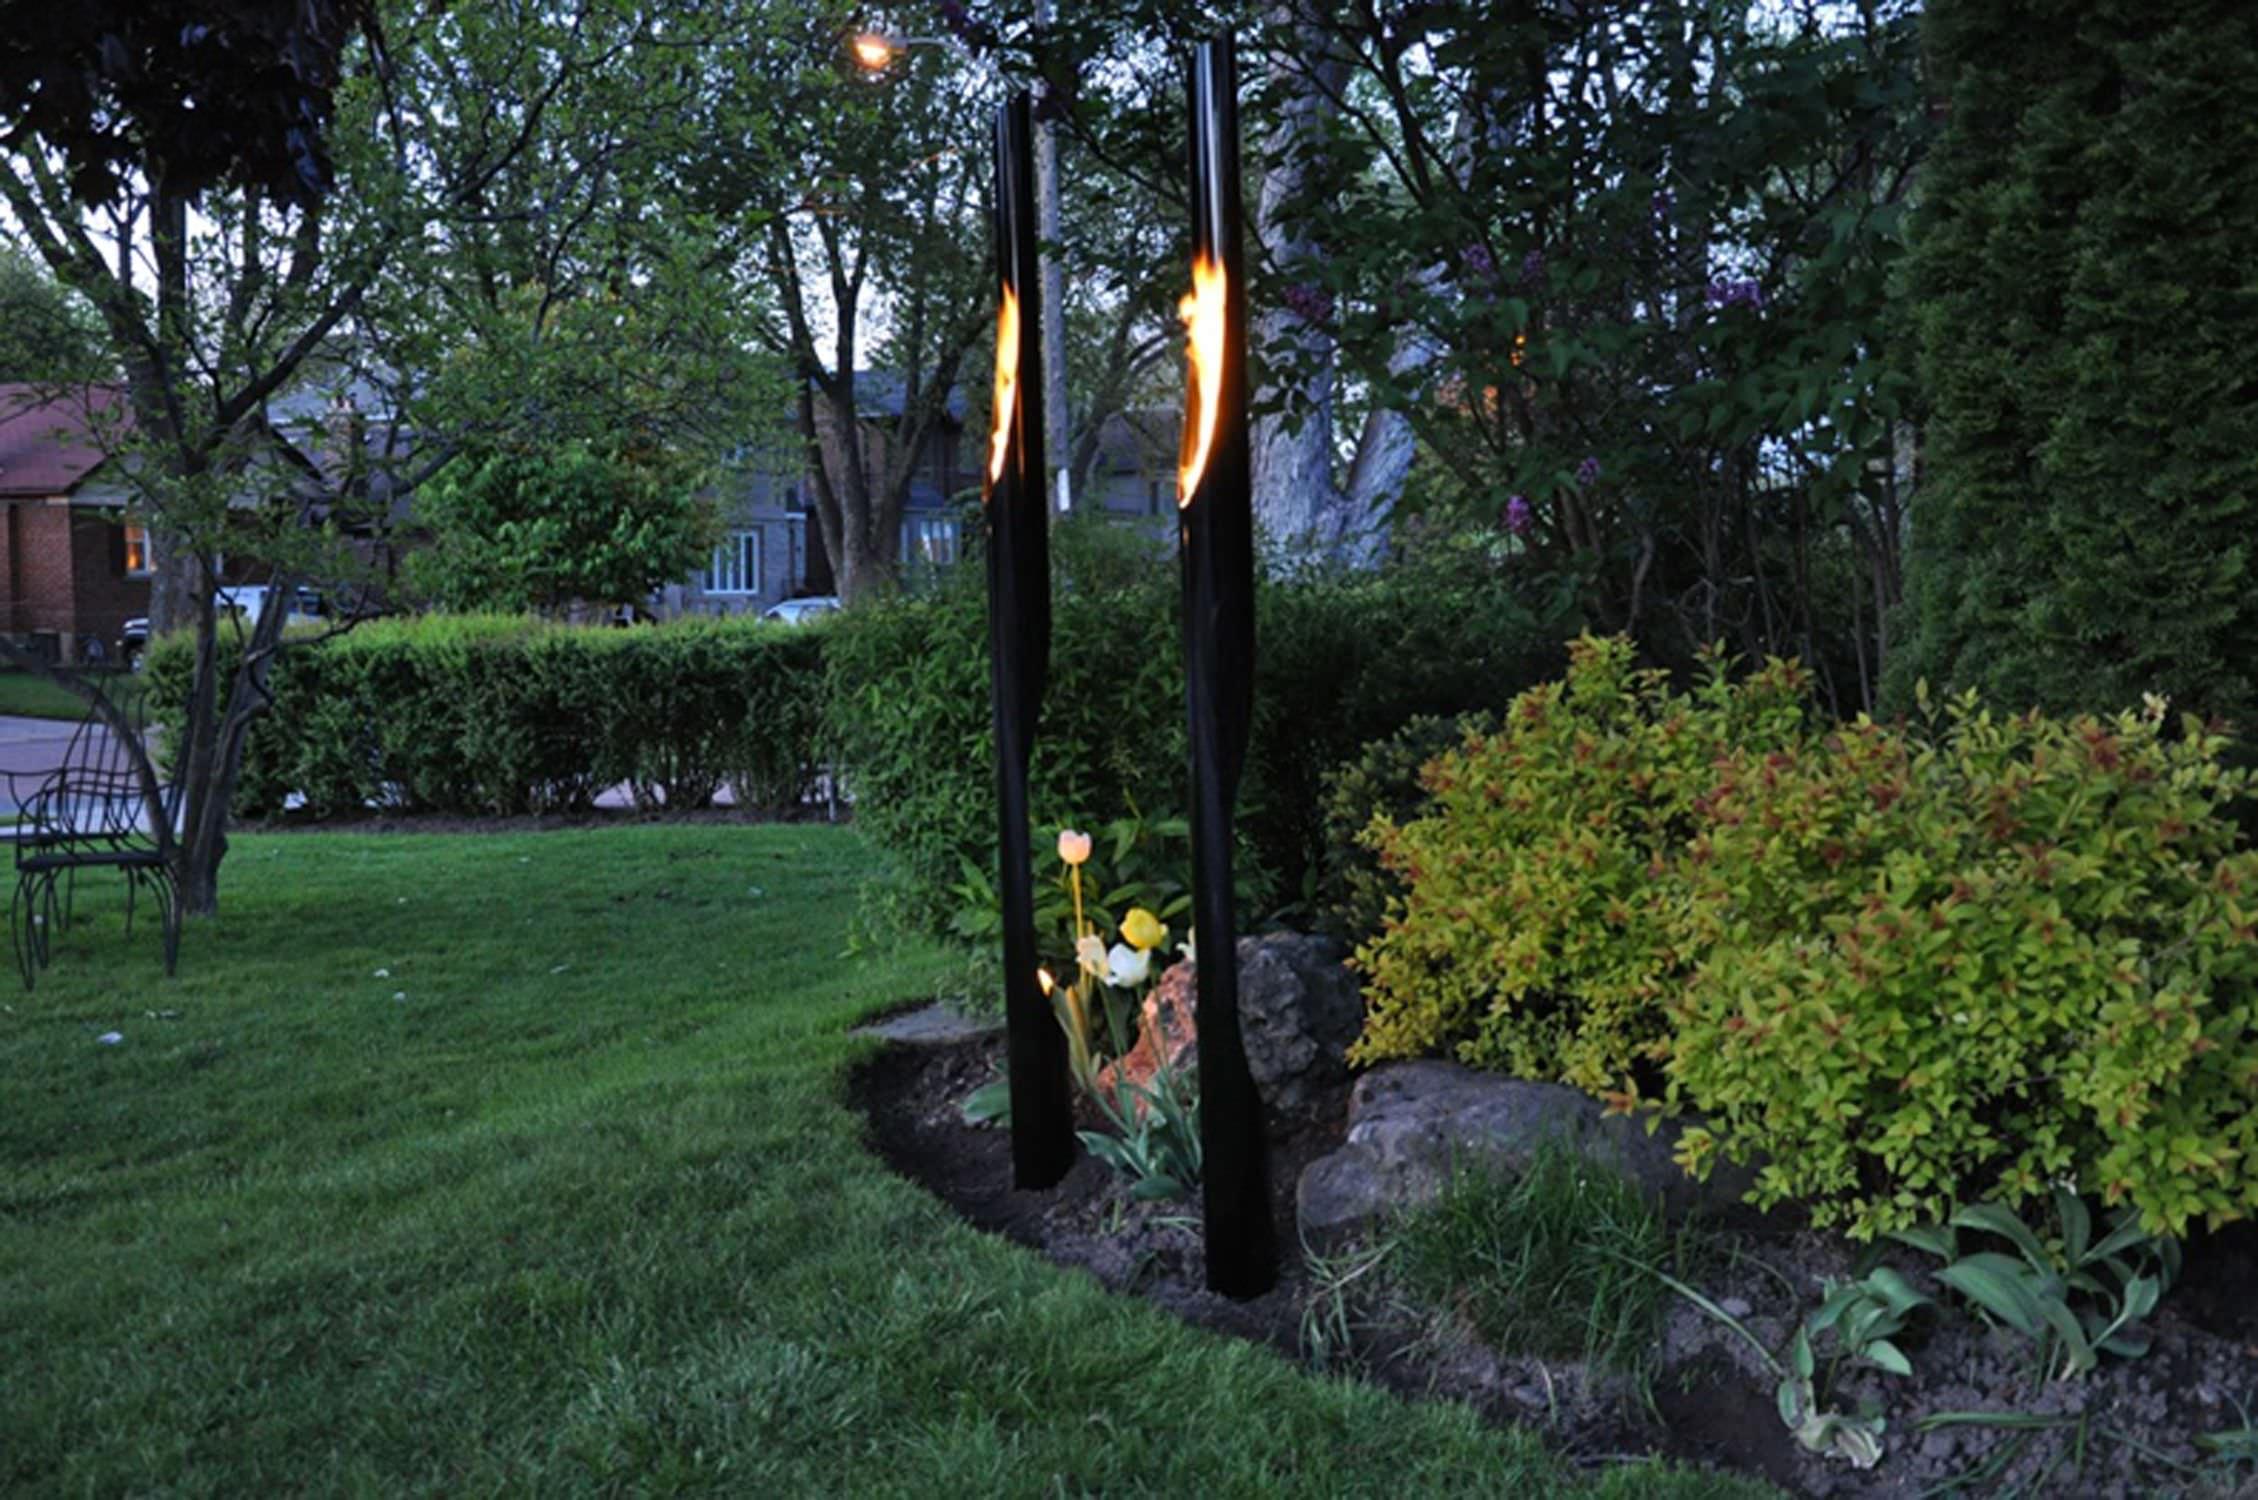 Antorcha De Jardín Absolute Develpro Inc. à Torches De Jardin